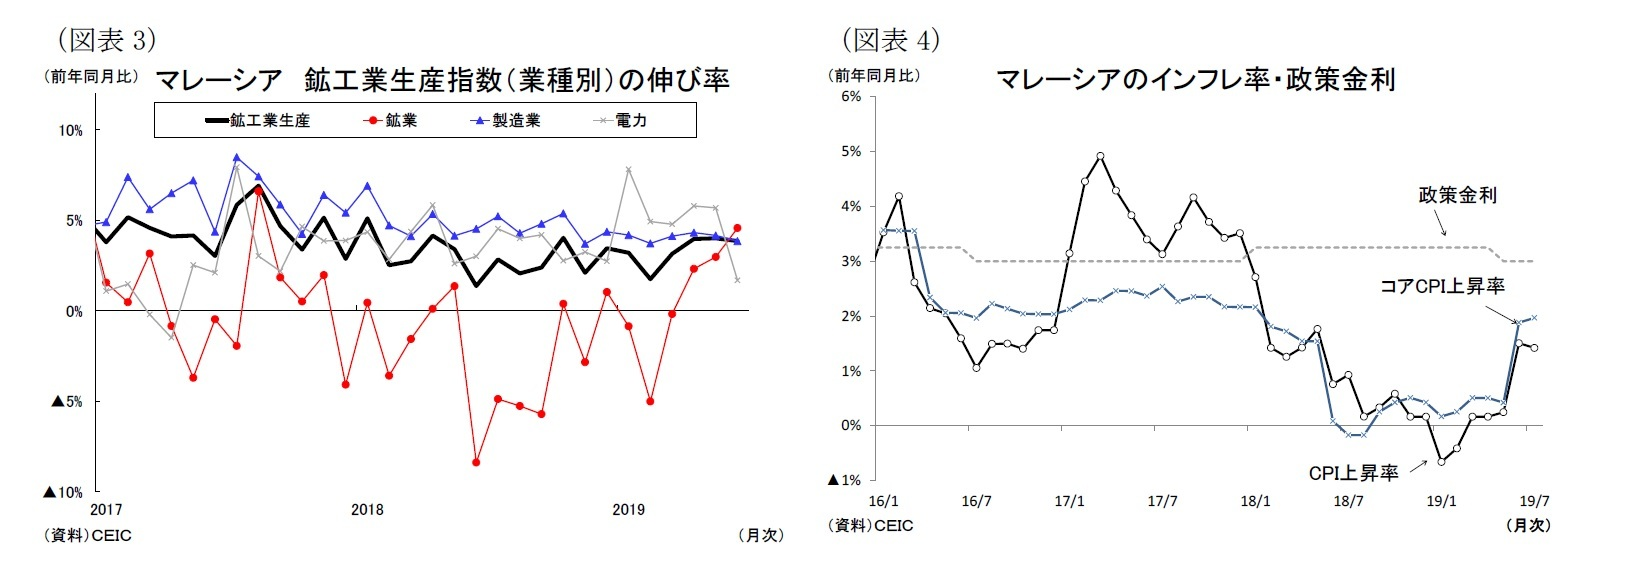 (図表3)マレーシア鉱工業生産指数(業種別)の伸び率/(図表4)マレーシアのインフレ率・政策金利